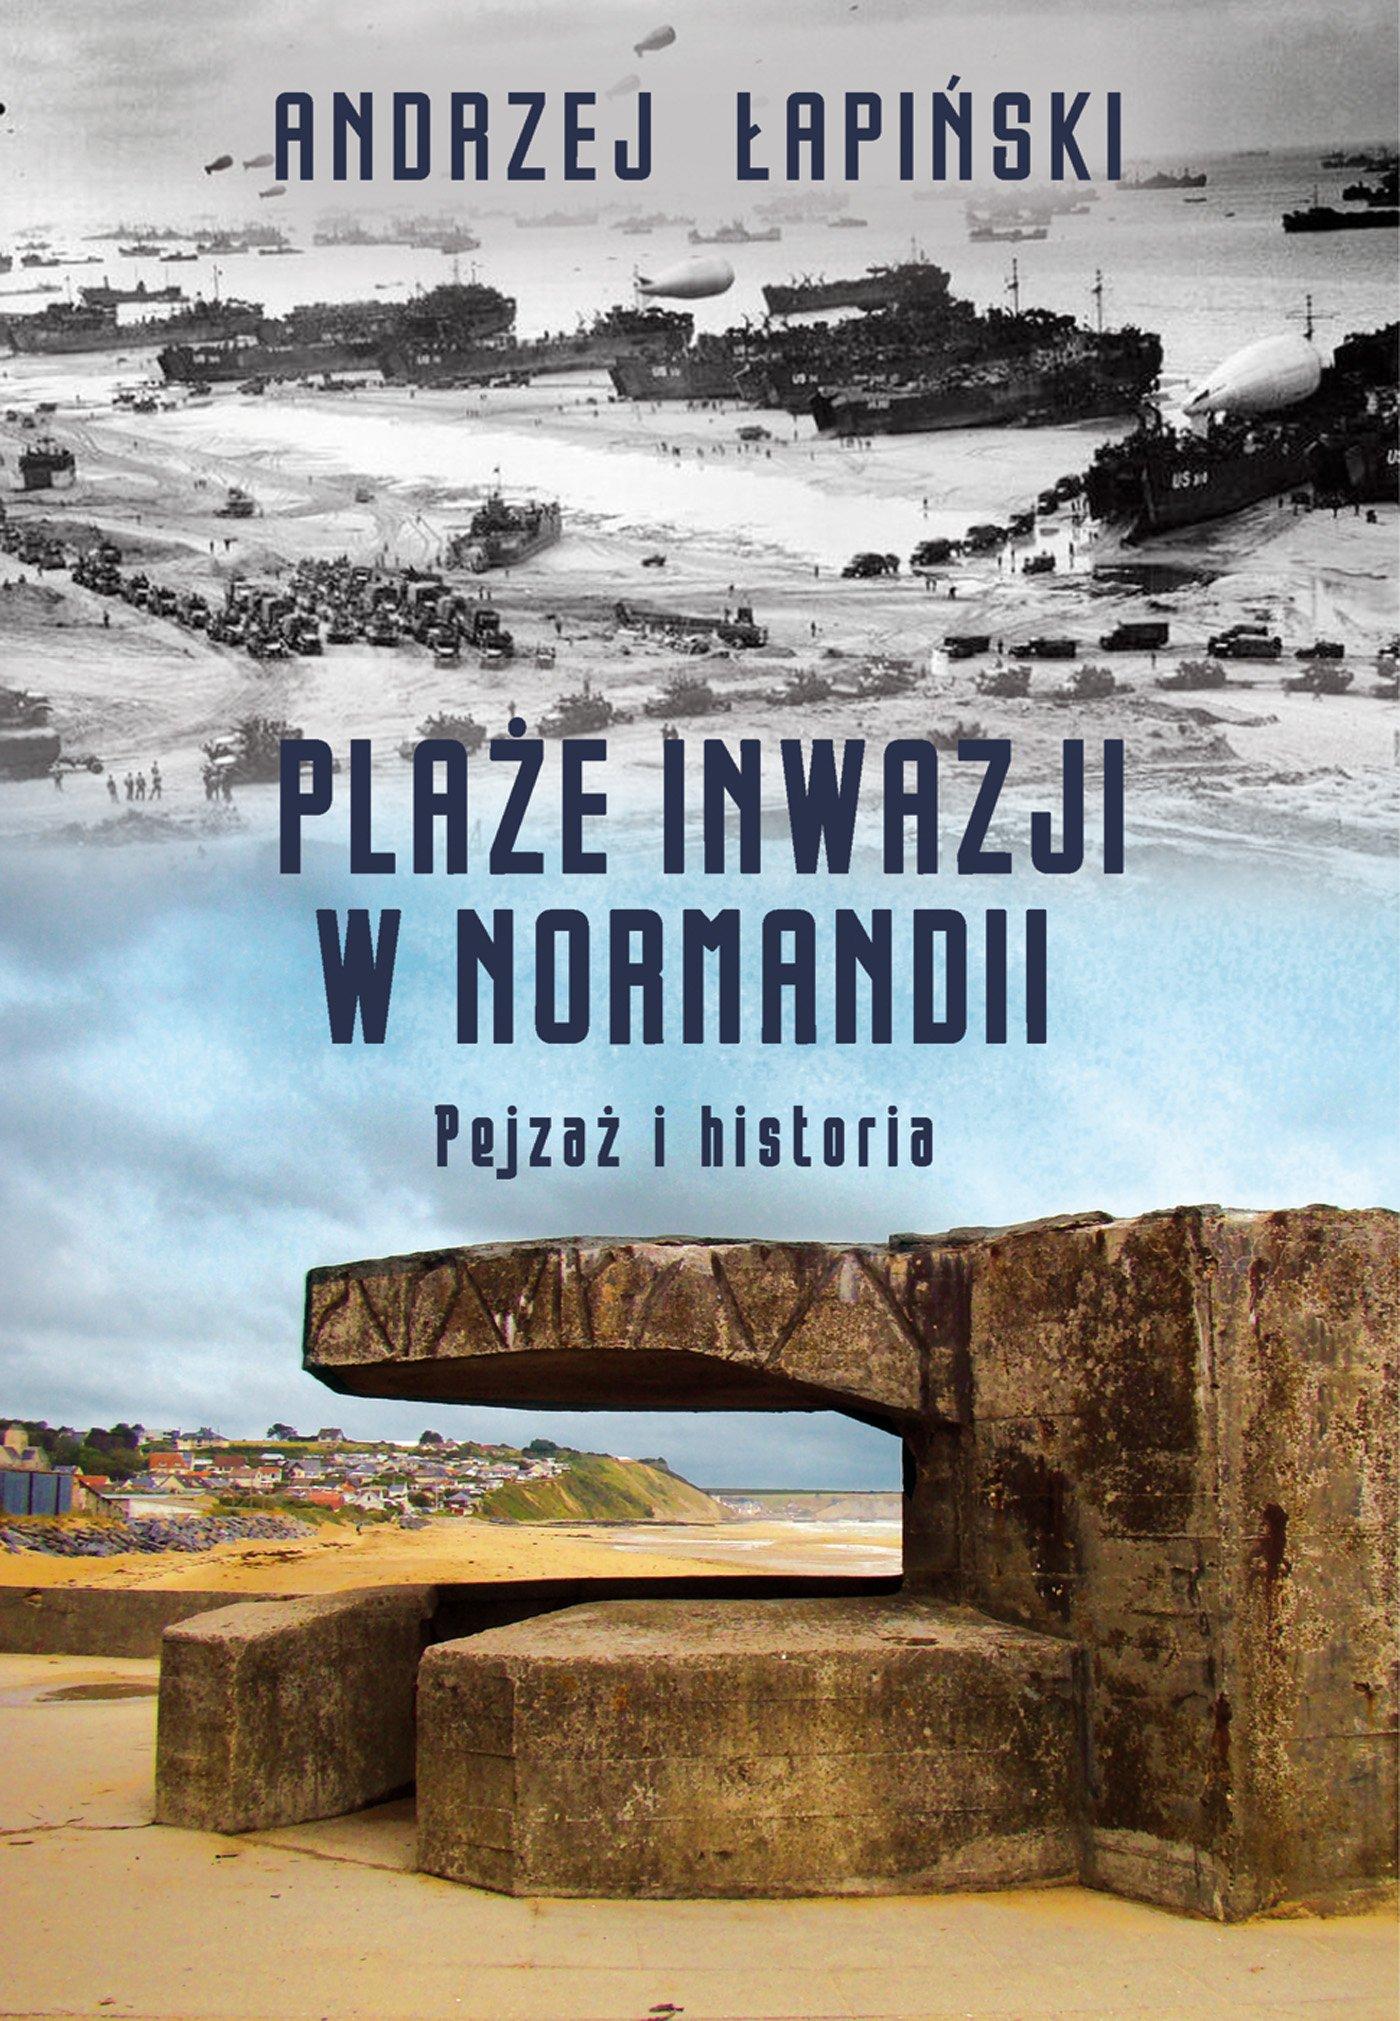 Plaże inwazji w Normandii. Pejzaż i historia - Ebook (Książka na Kindle) do pobrania w formacie MOBI